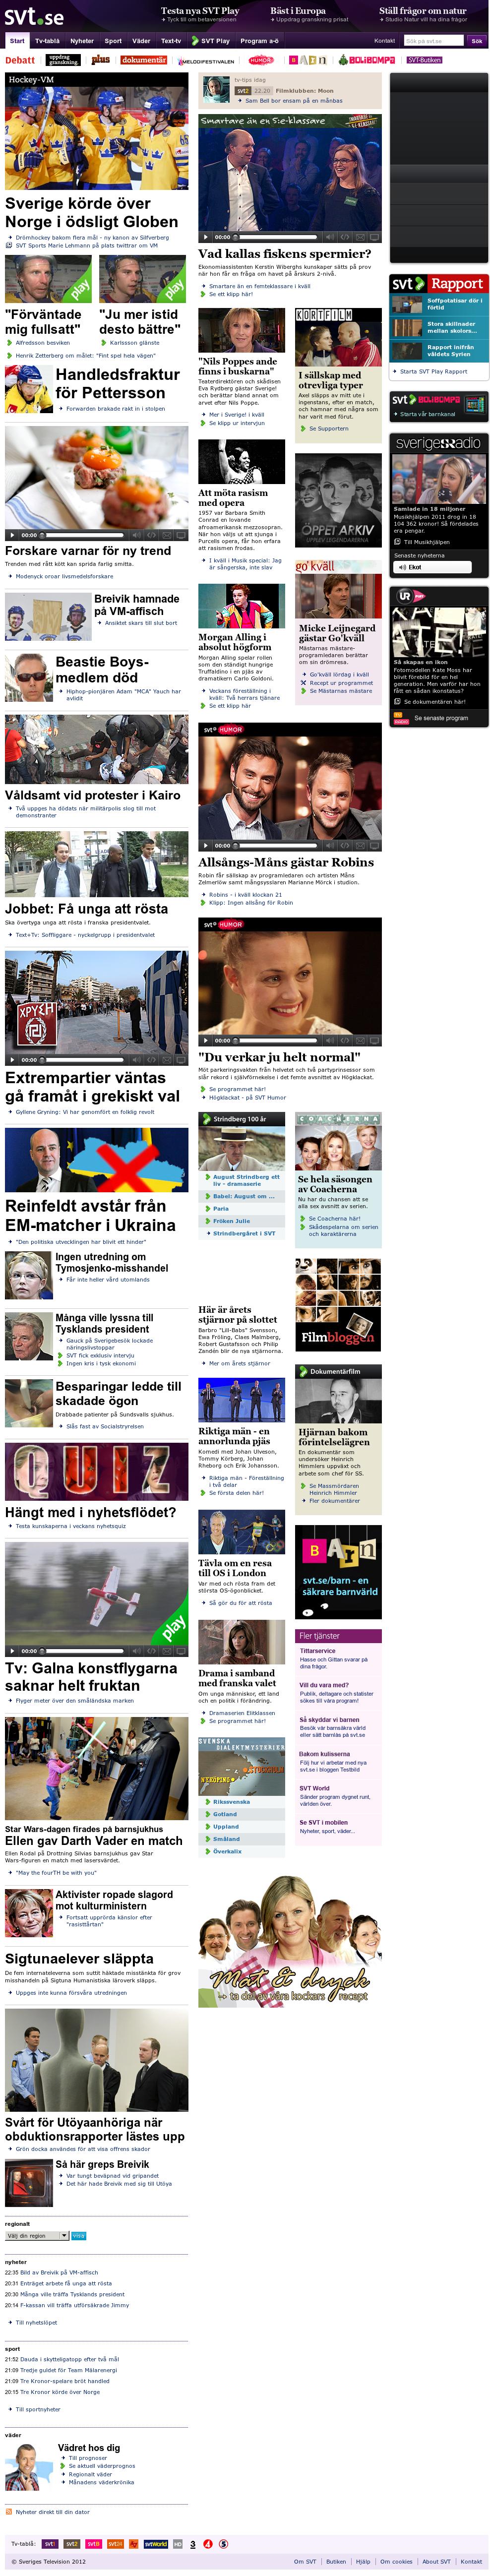 SVT at Saturday May 5, 2012, 4:11 a.m. UTC